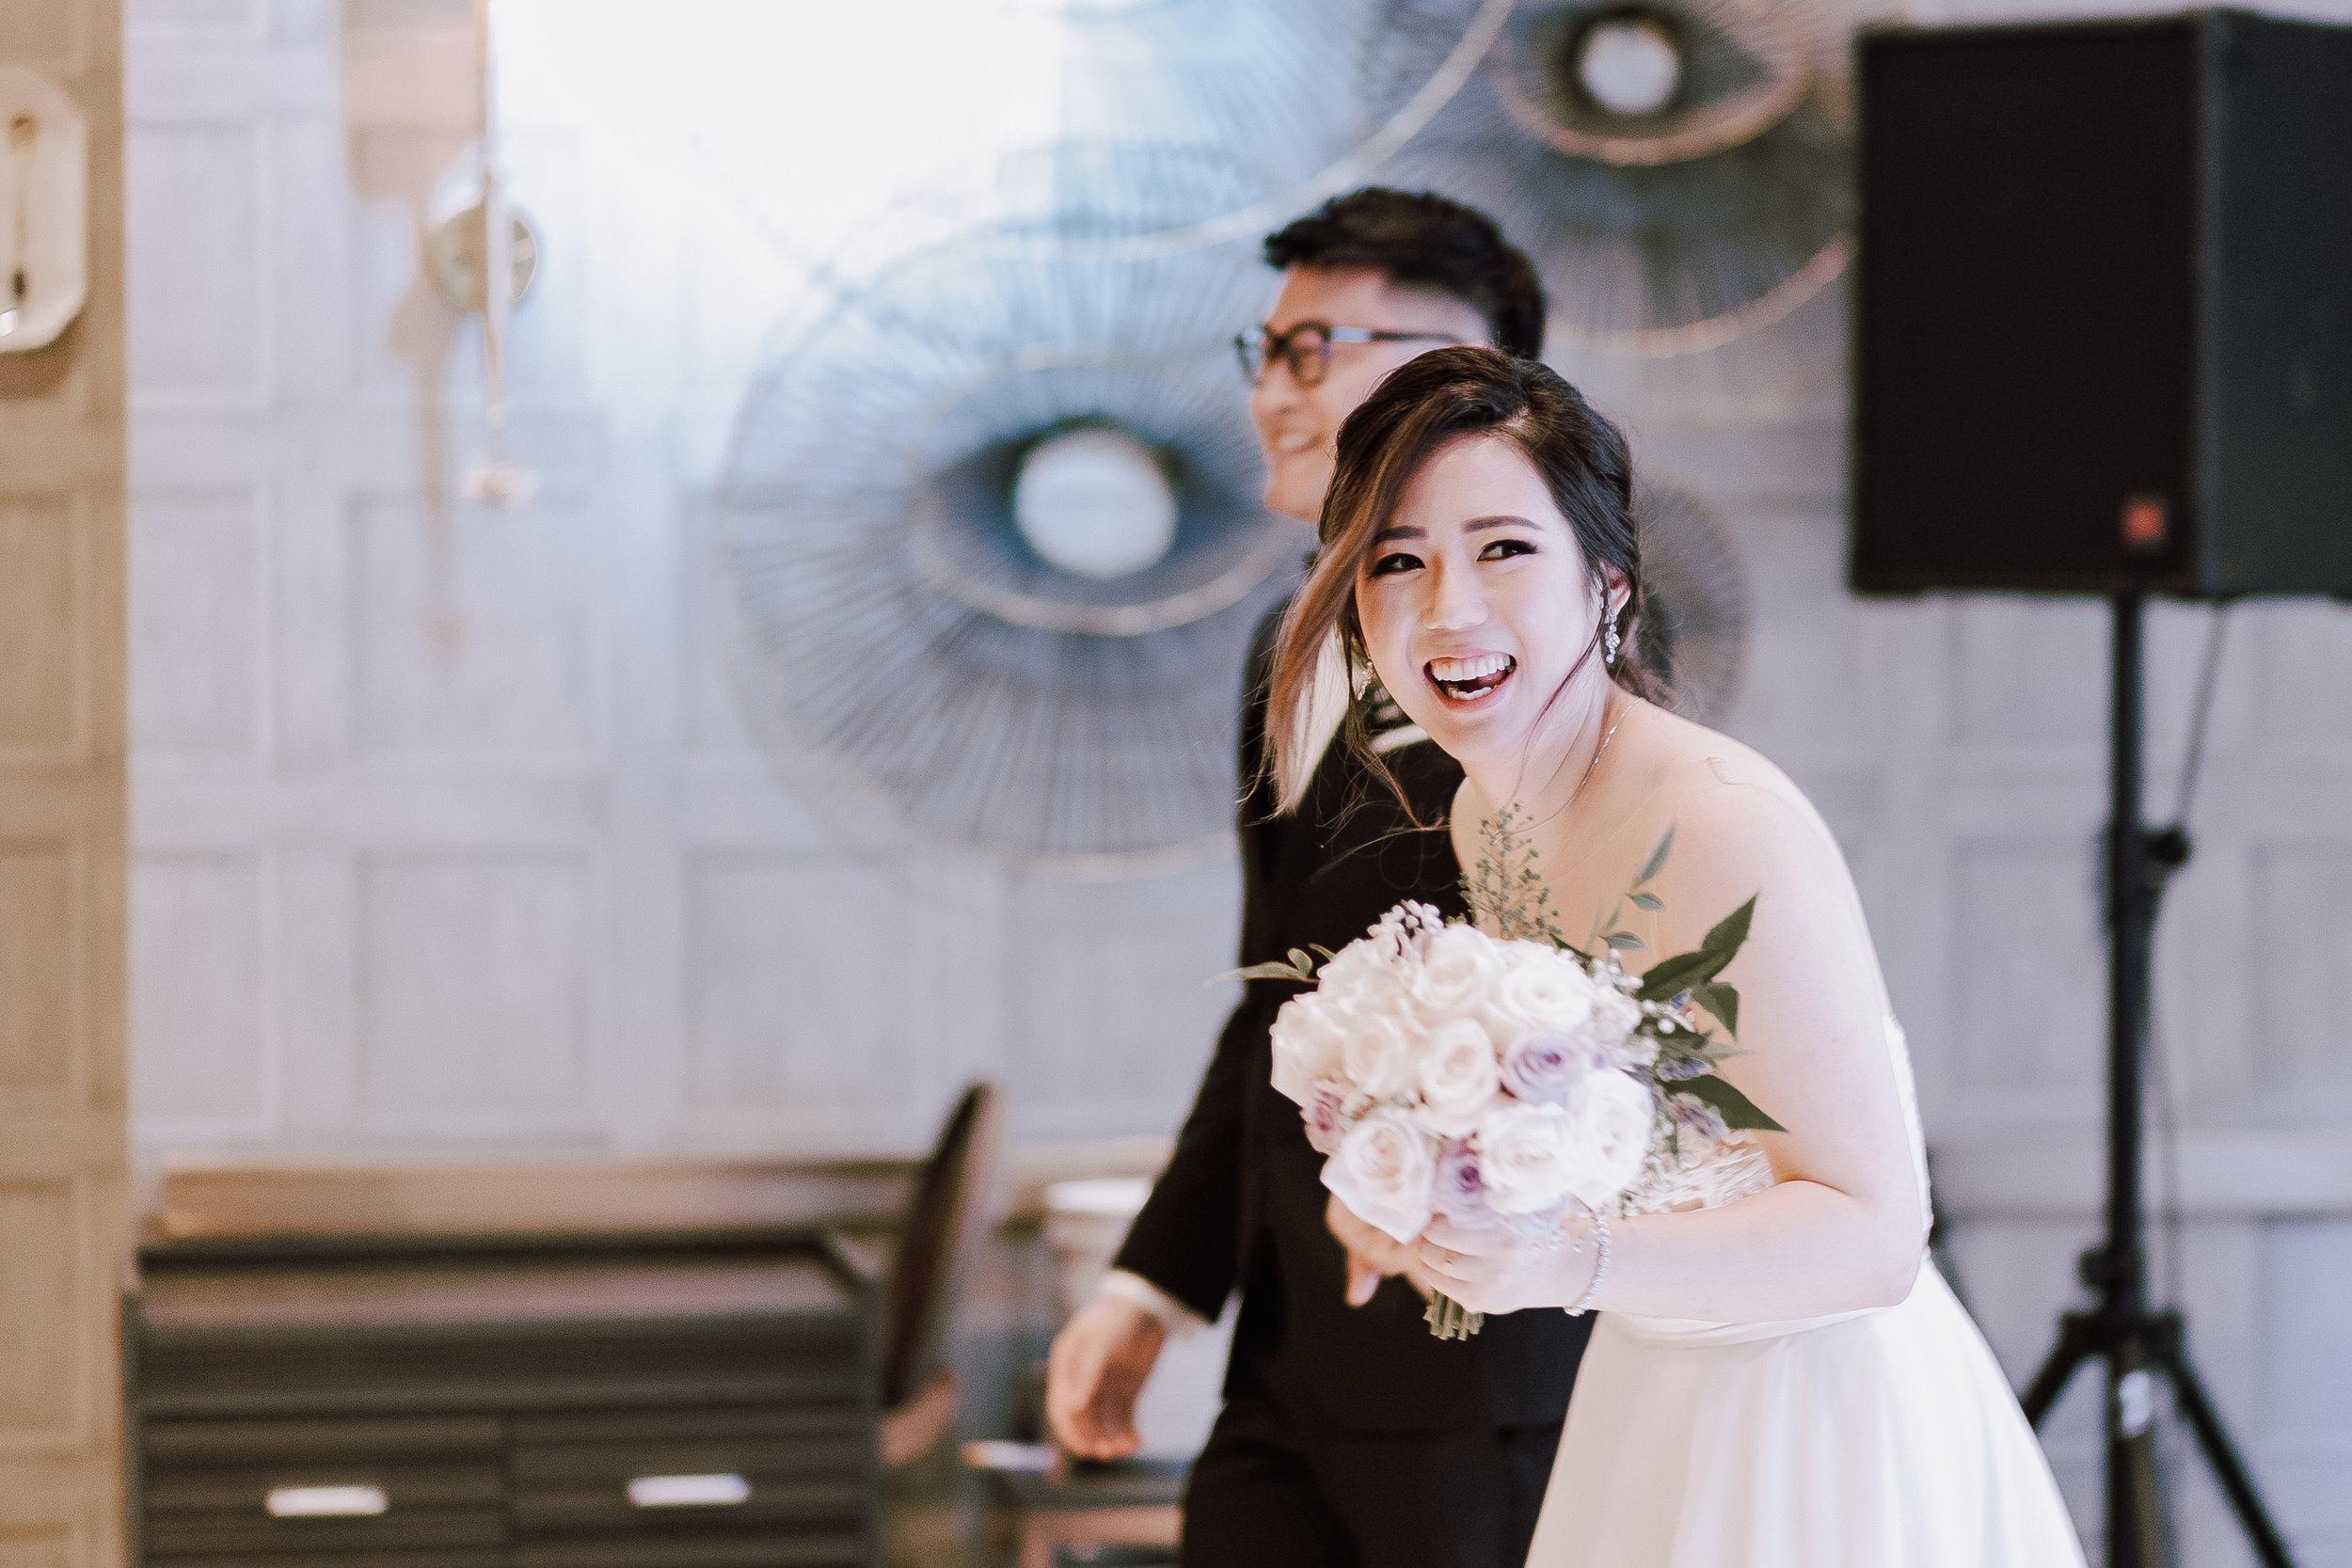 Wedding 090818-203.jpg